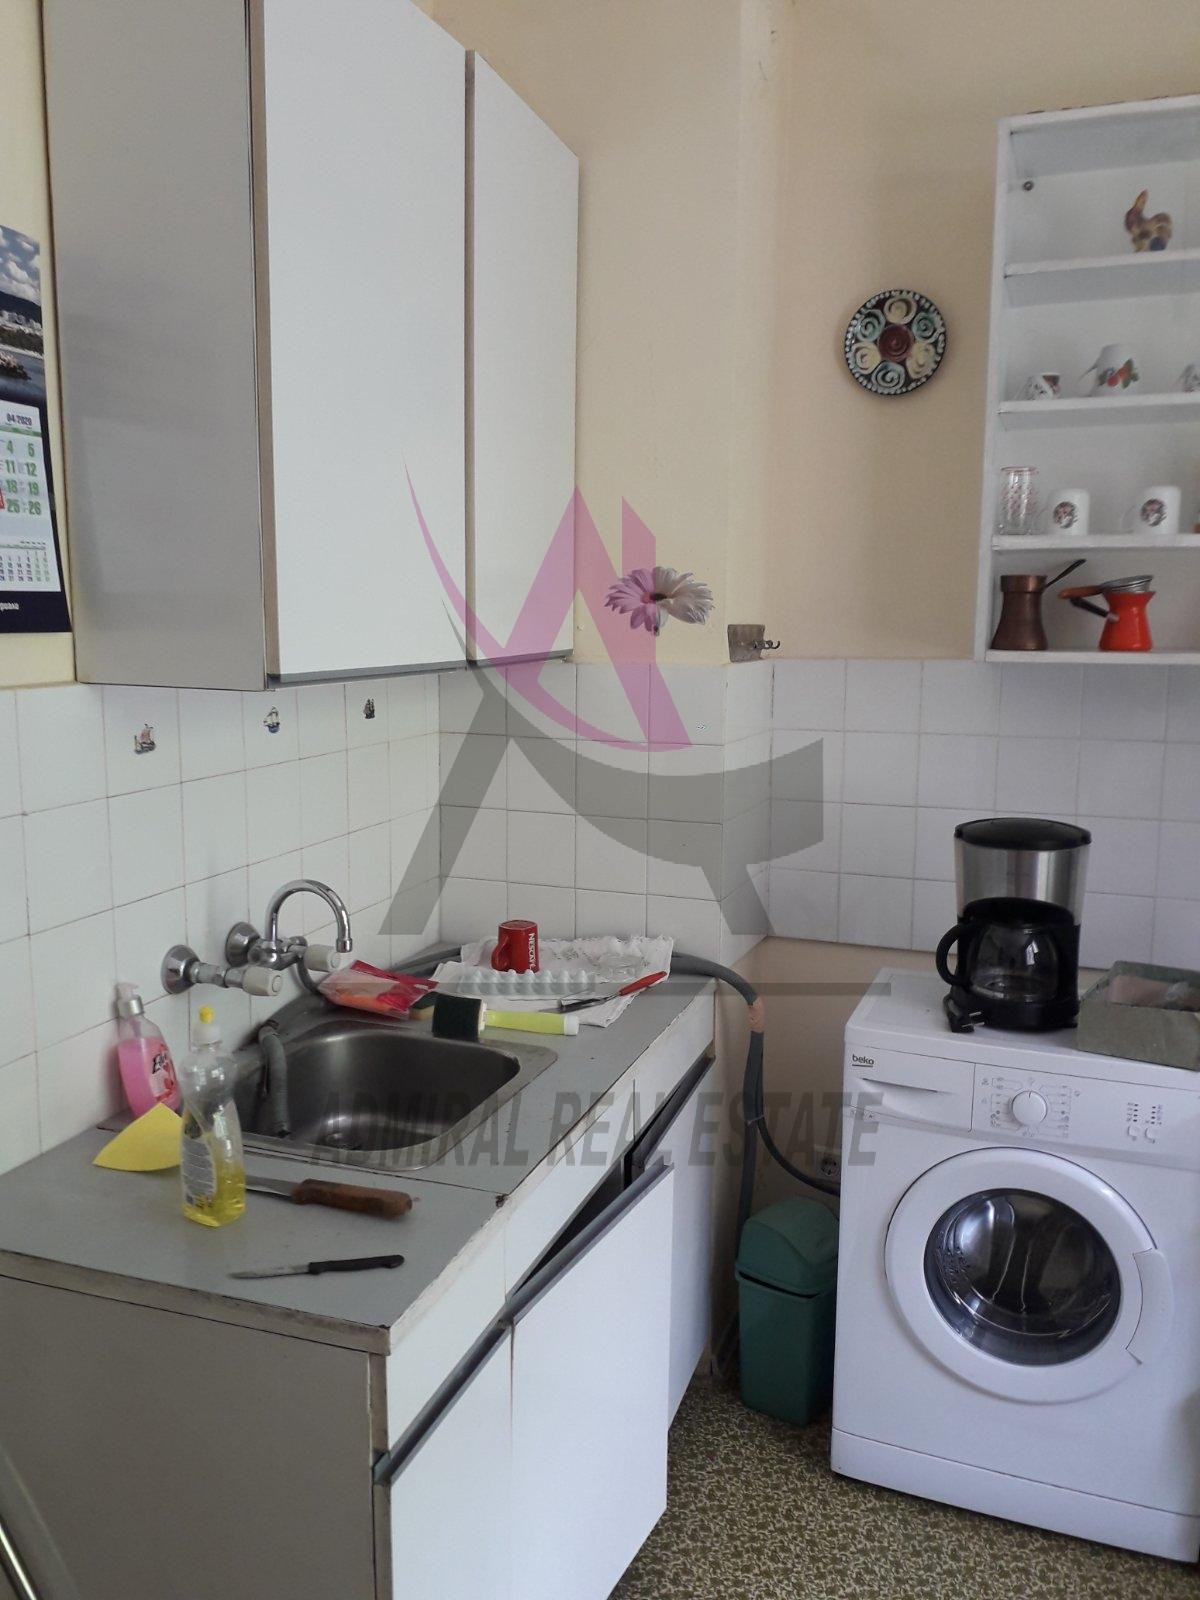 viber_изображение_2020-07-02_12-43-08.jpg